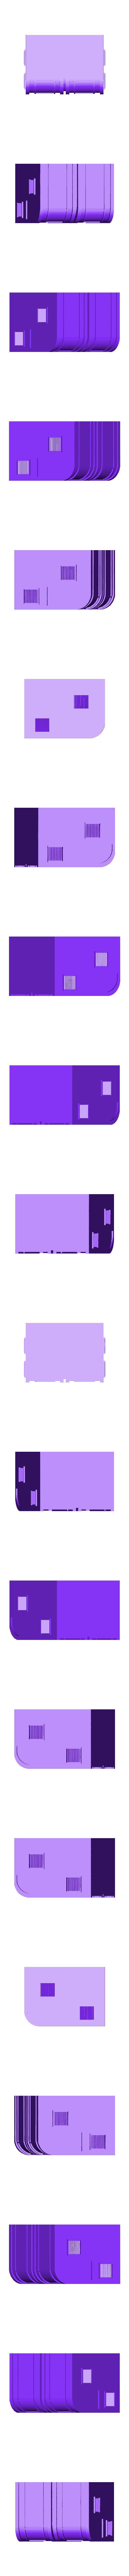 Luis_Furniture_processor_unit_big.stl Télécharger fichier STL gratuit Ensemble de meubles inspiré par Wolfenstein pour le jeu de guerre • Modèle pour imprimante 3D, El_Mutanto